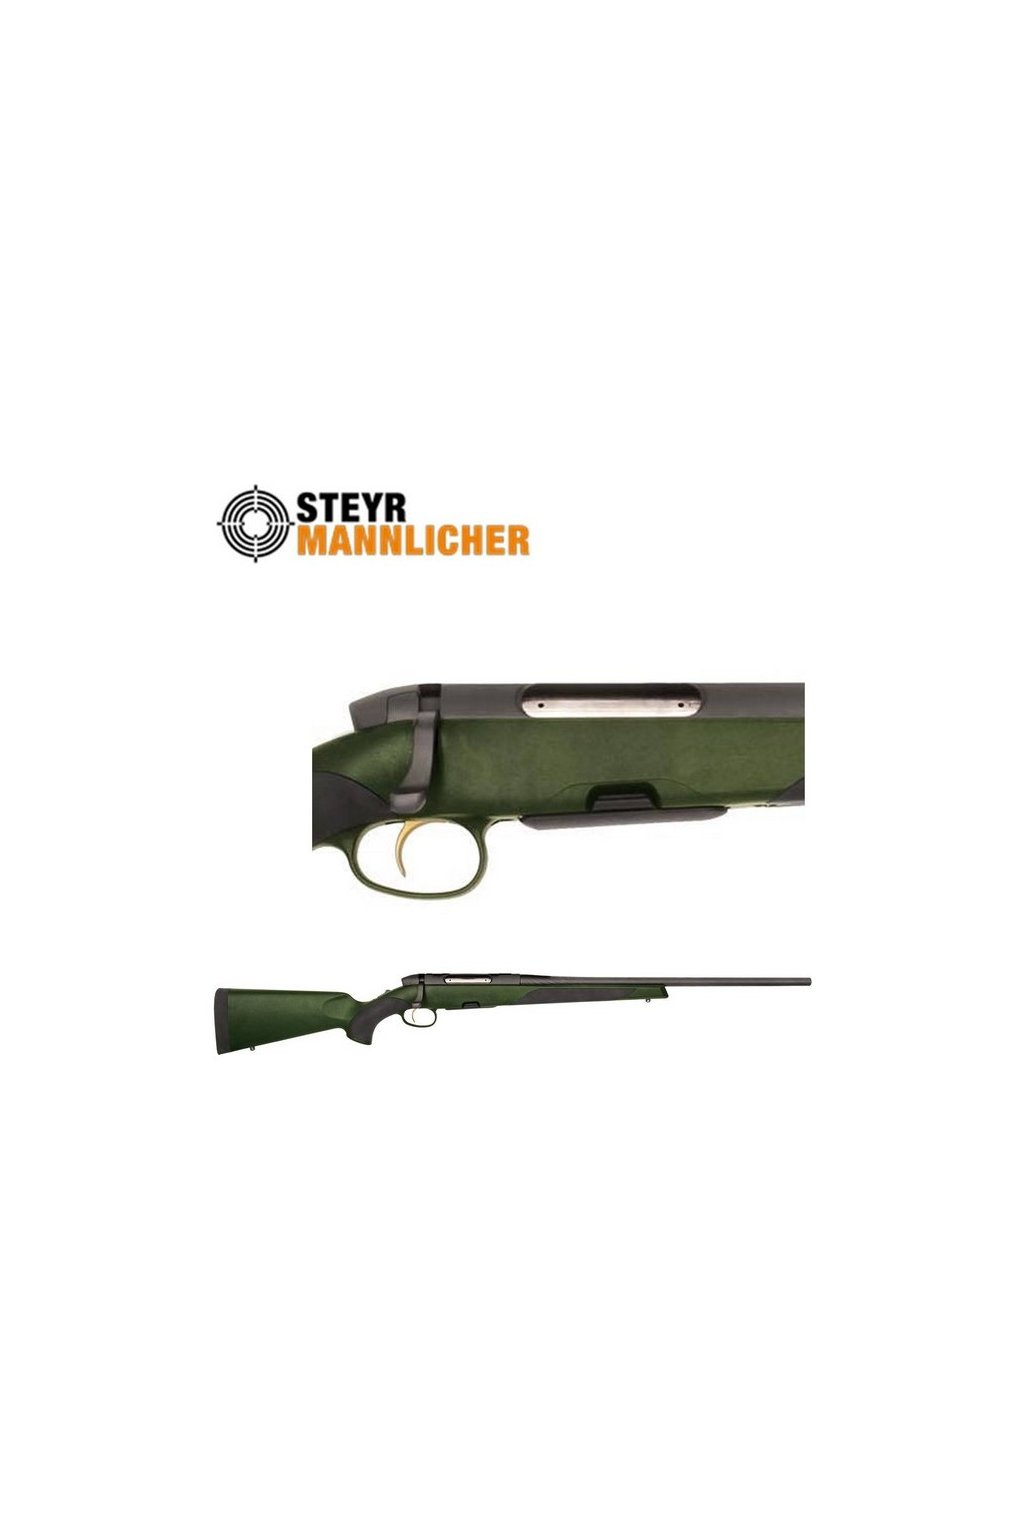 carabine steyr mannlicher sm12 sx